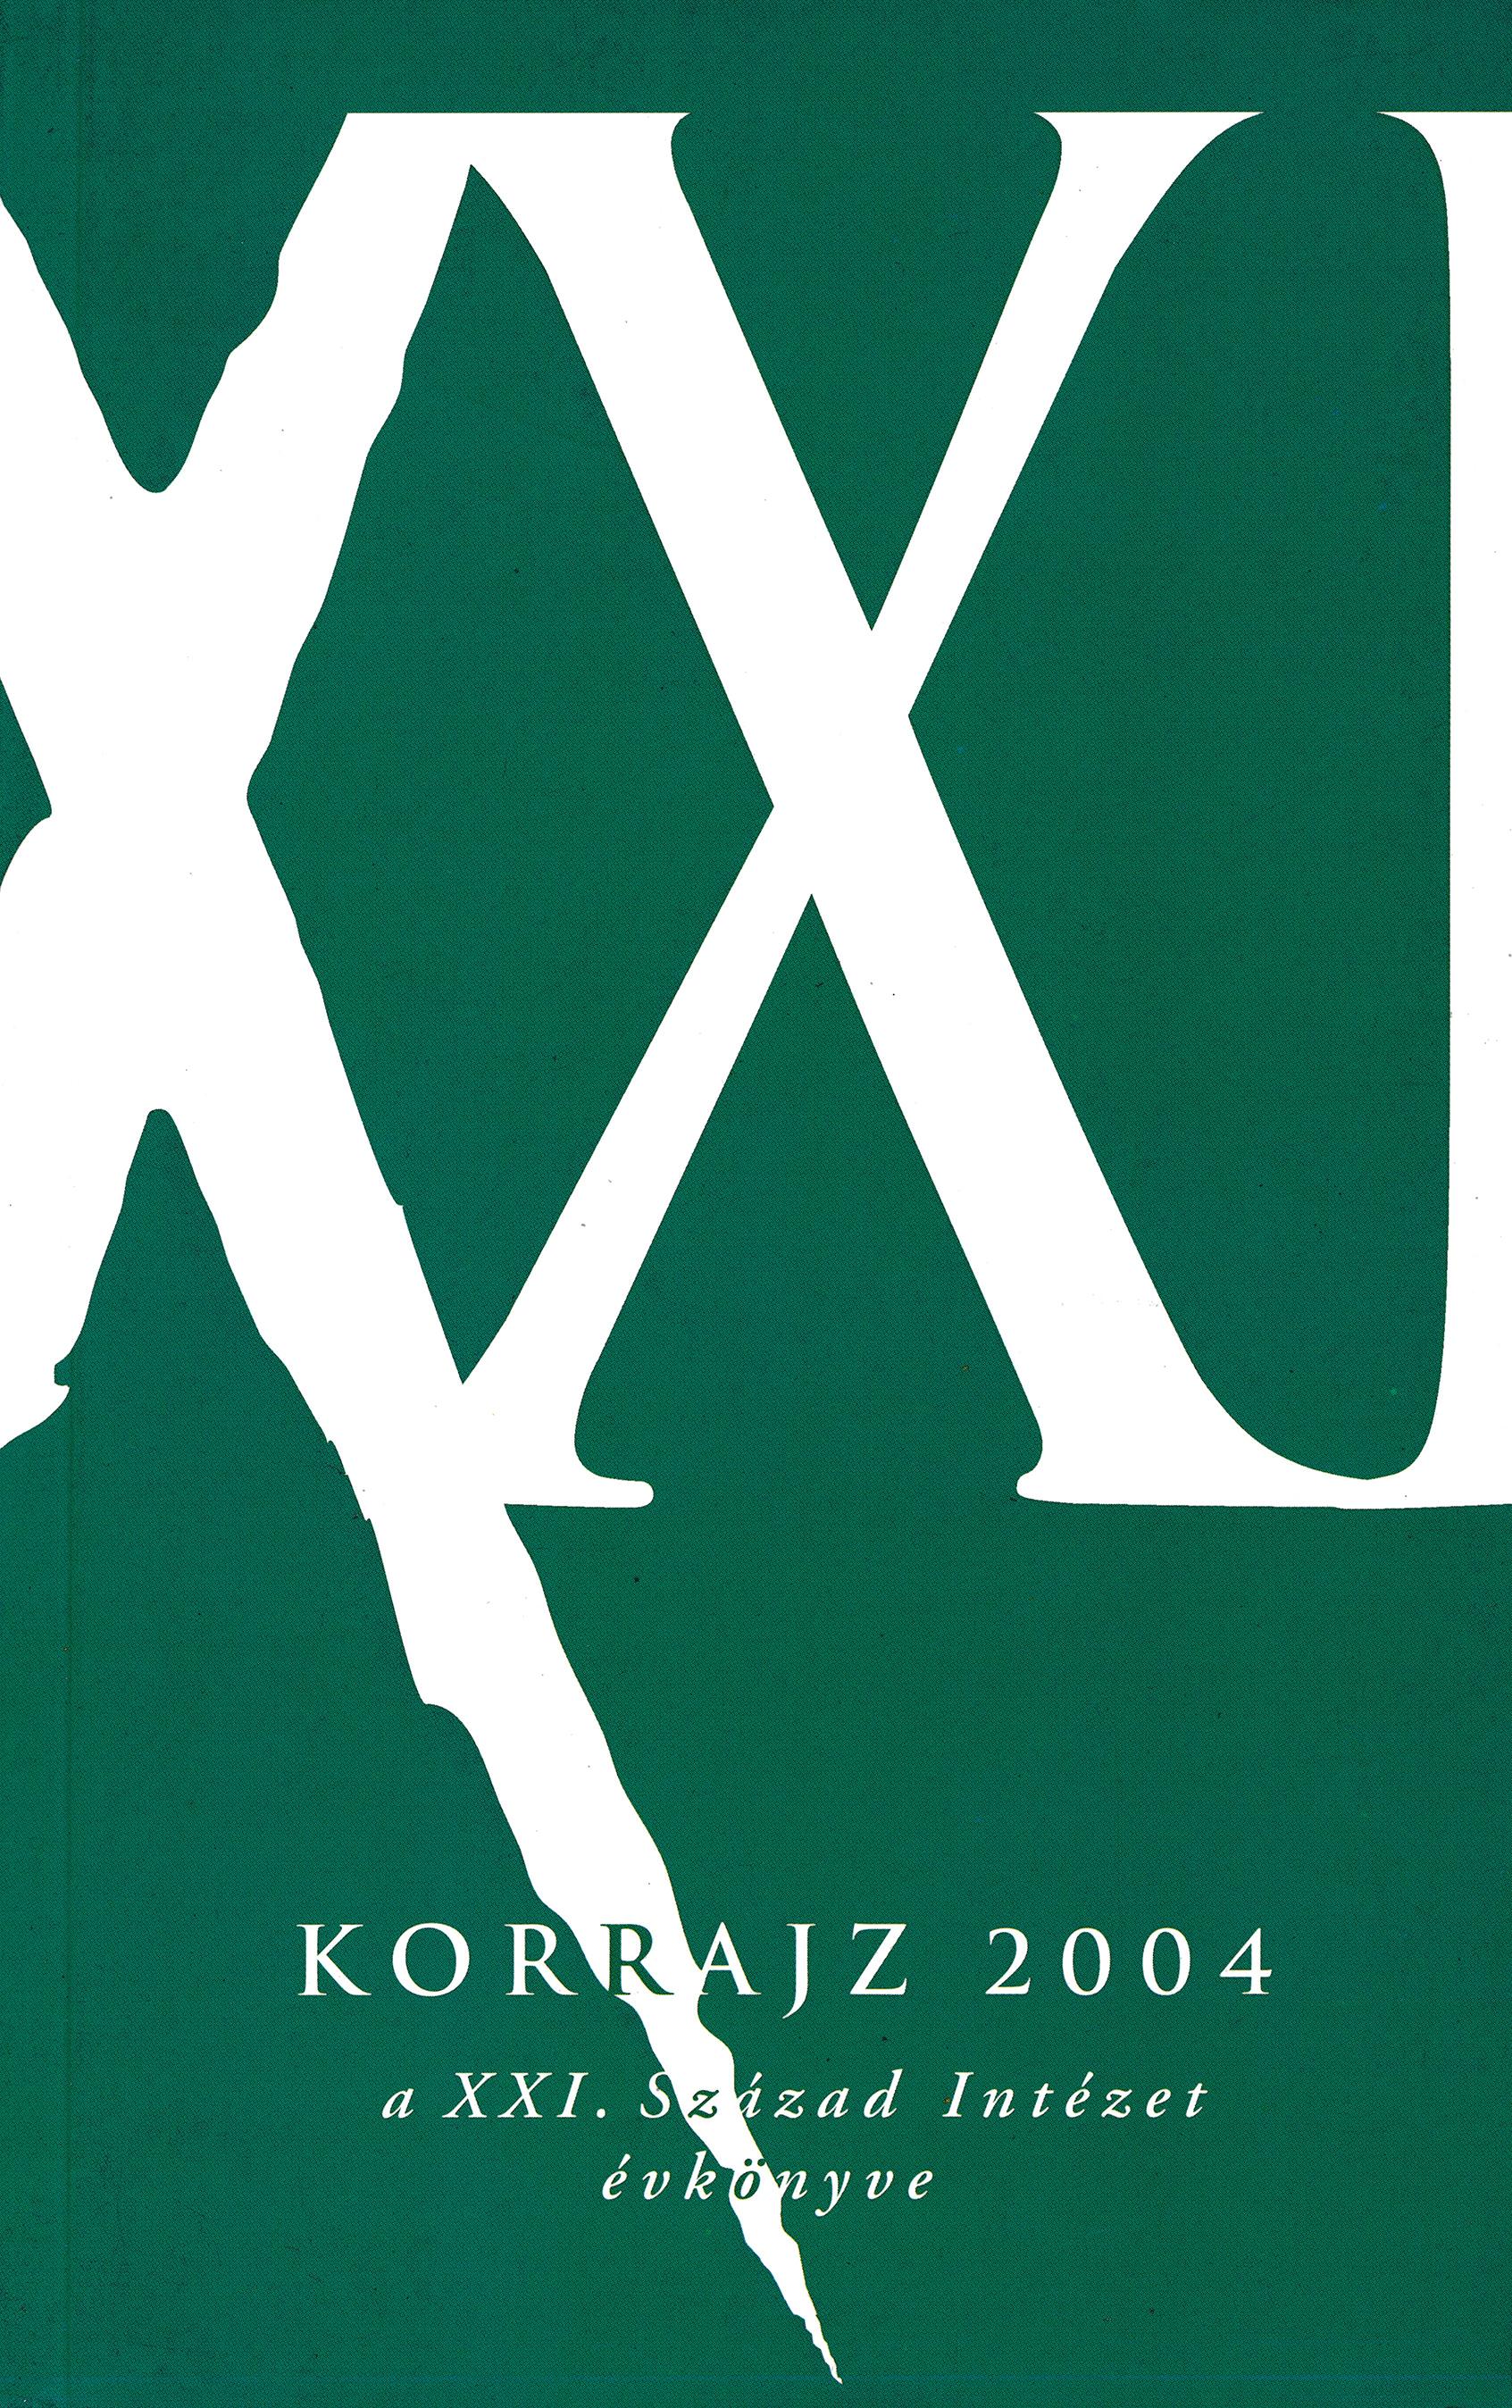 Korrajz 2004 – A XXI. Század Intézetének évkönyve